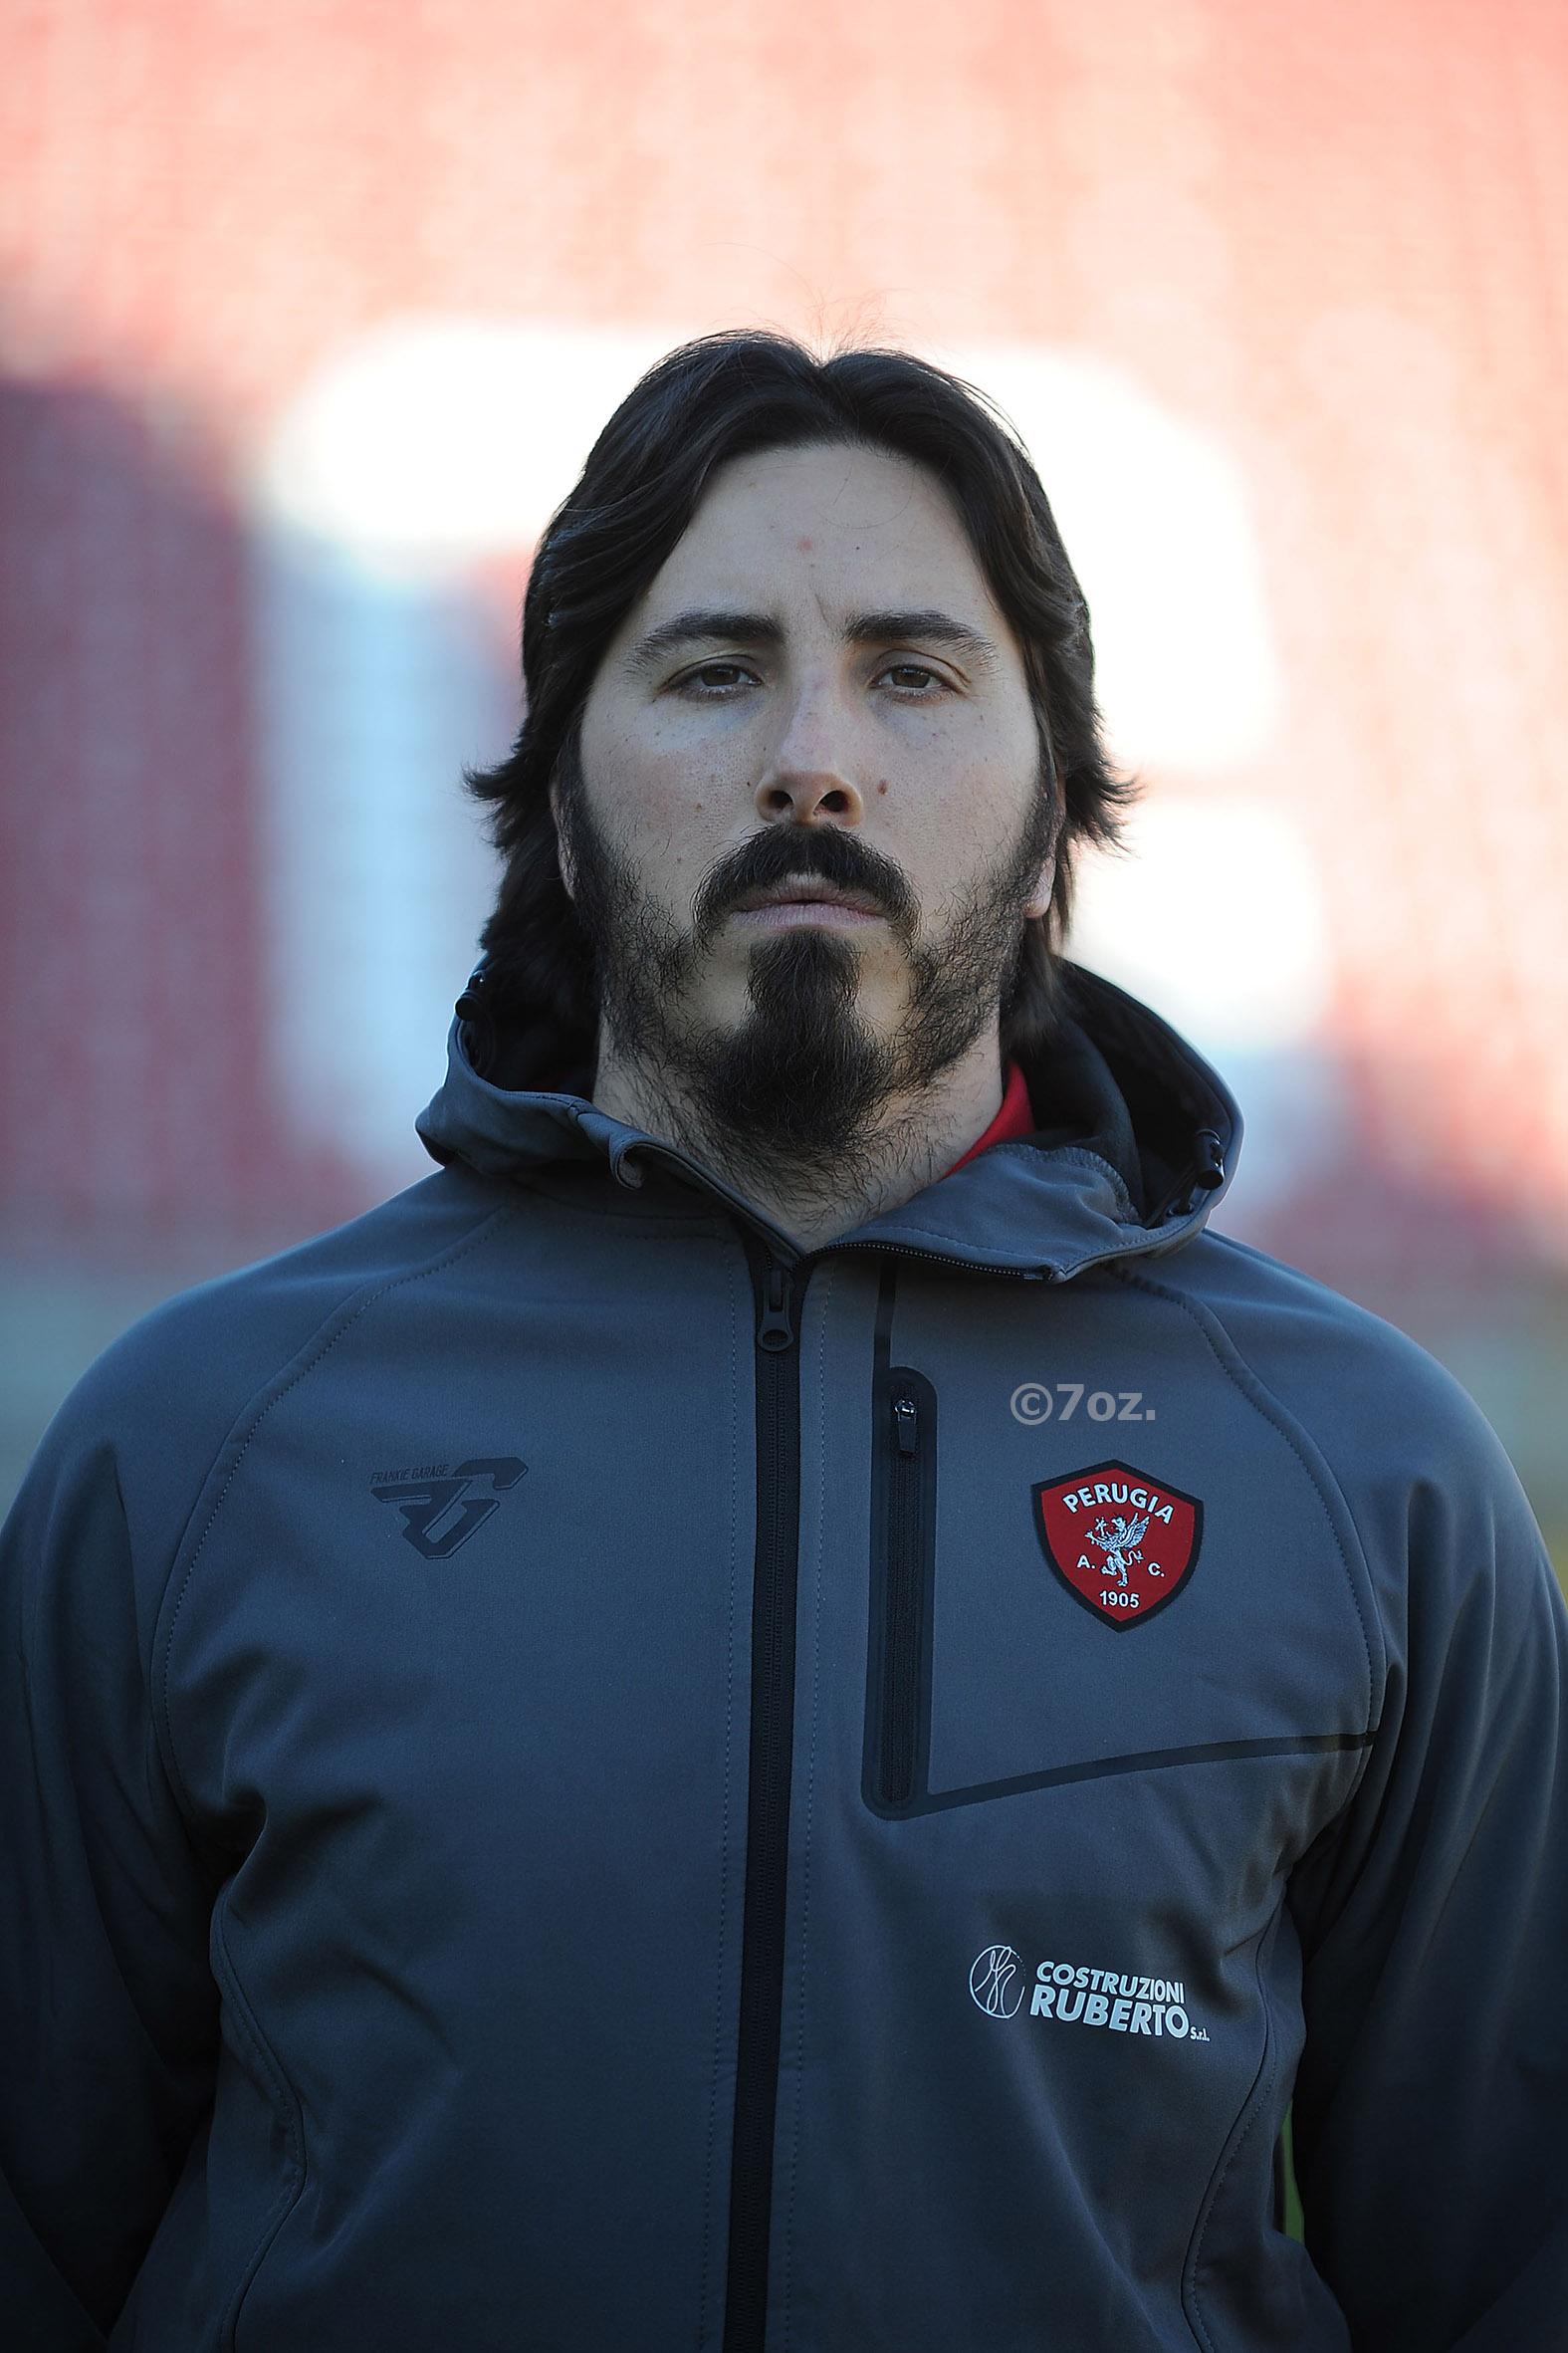 Alessandro FormisanoAllenatore- A.C. Perugia Calcio